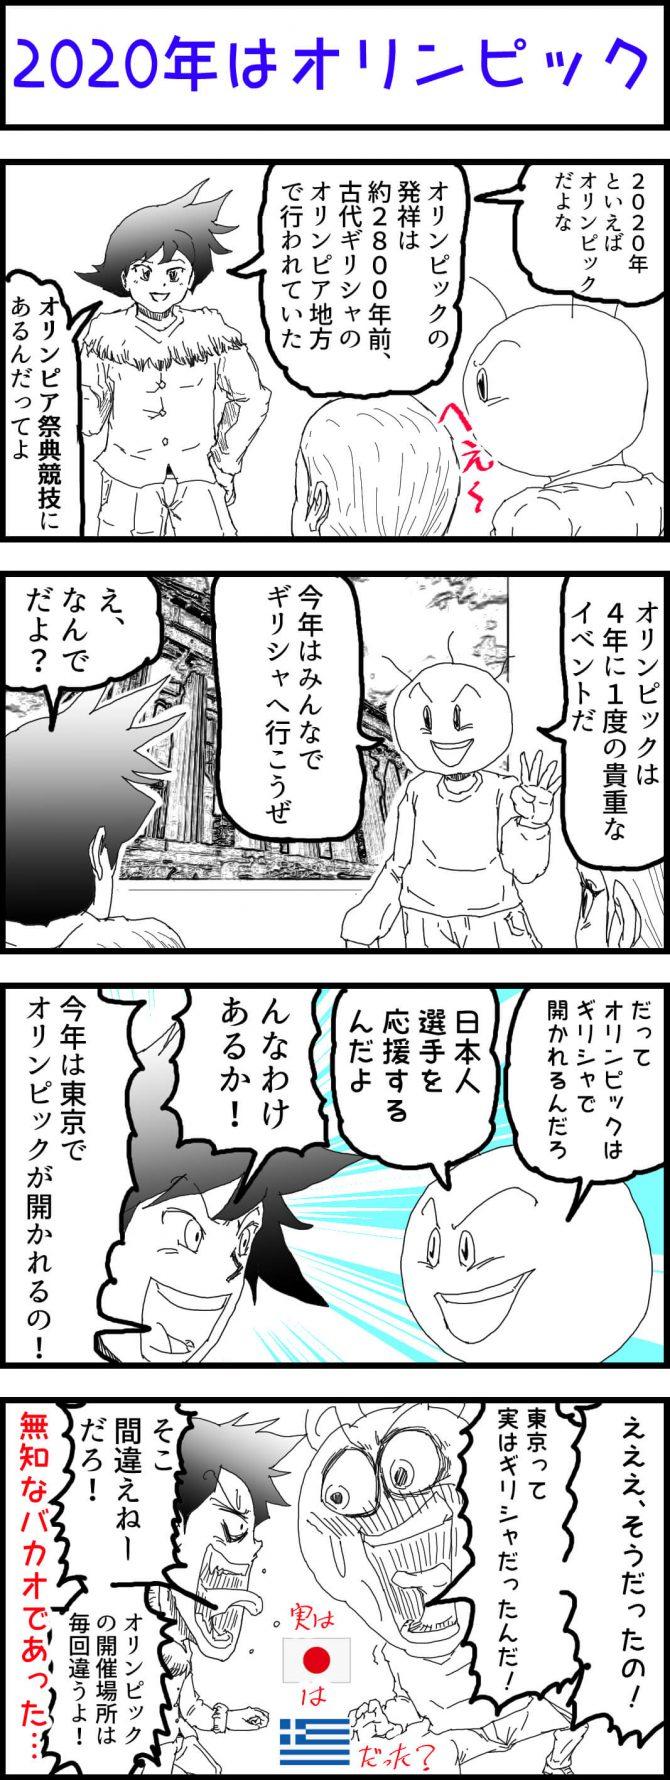 オリンピック,4コマ漫画